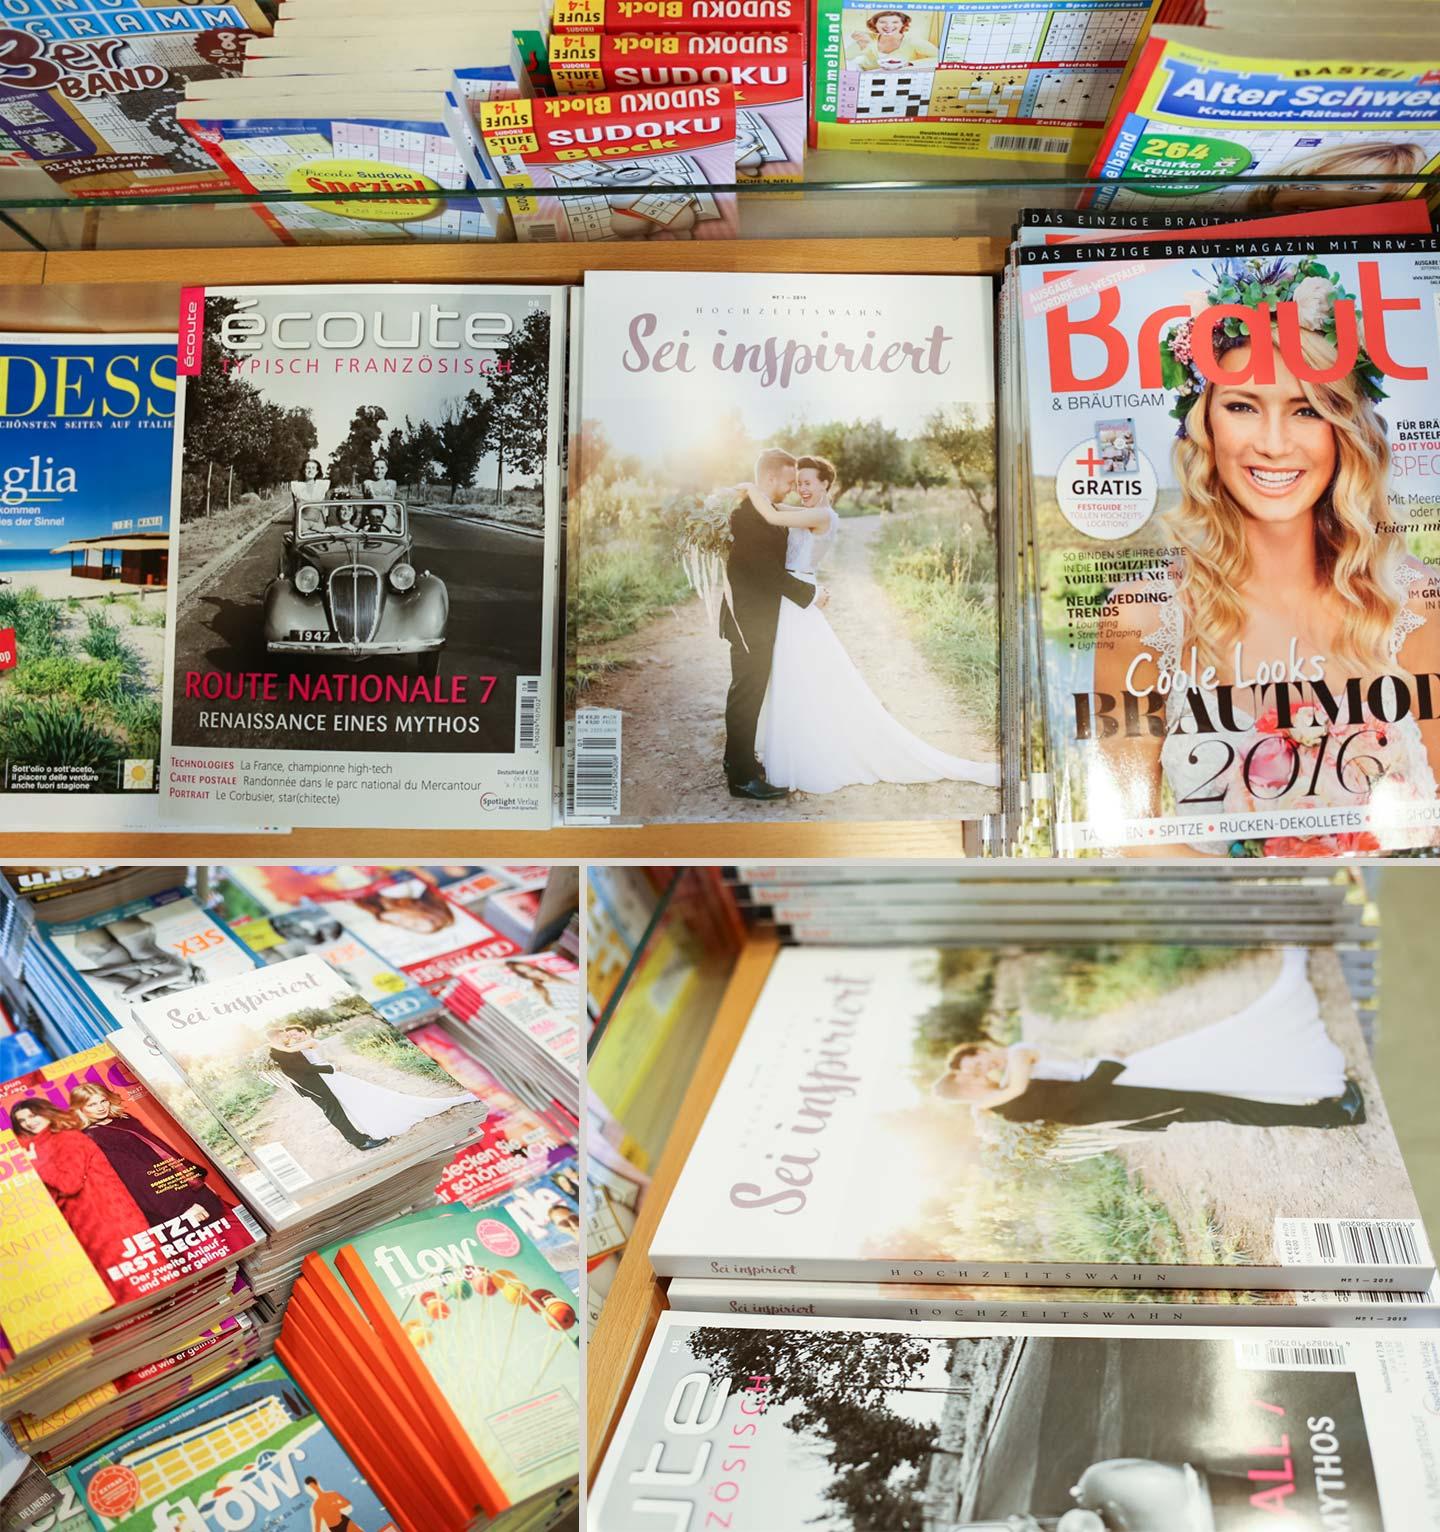 Hochzeitswahn Magazin in den Regalen von Bielefeld